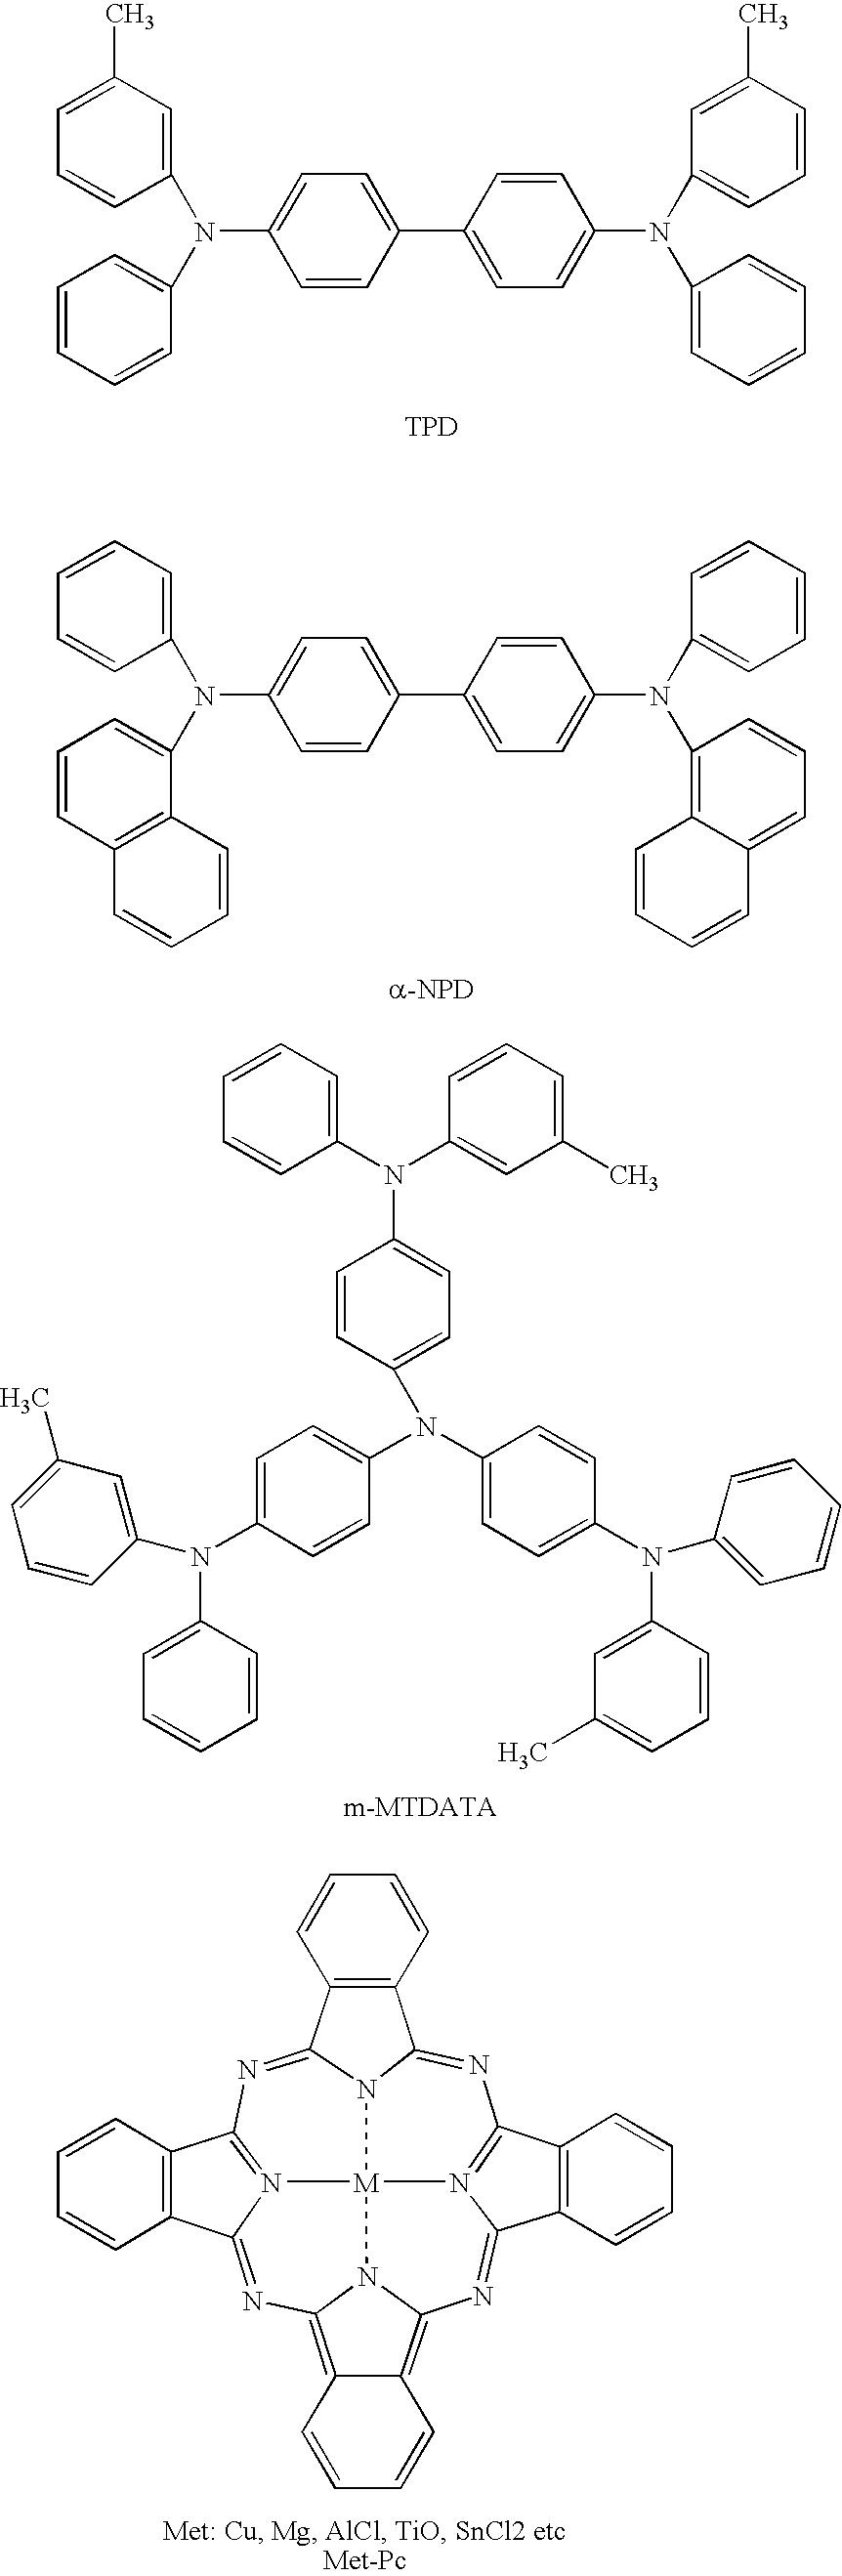 Figure US20090004507A1-20090101-C00001